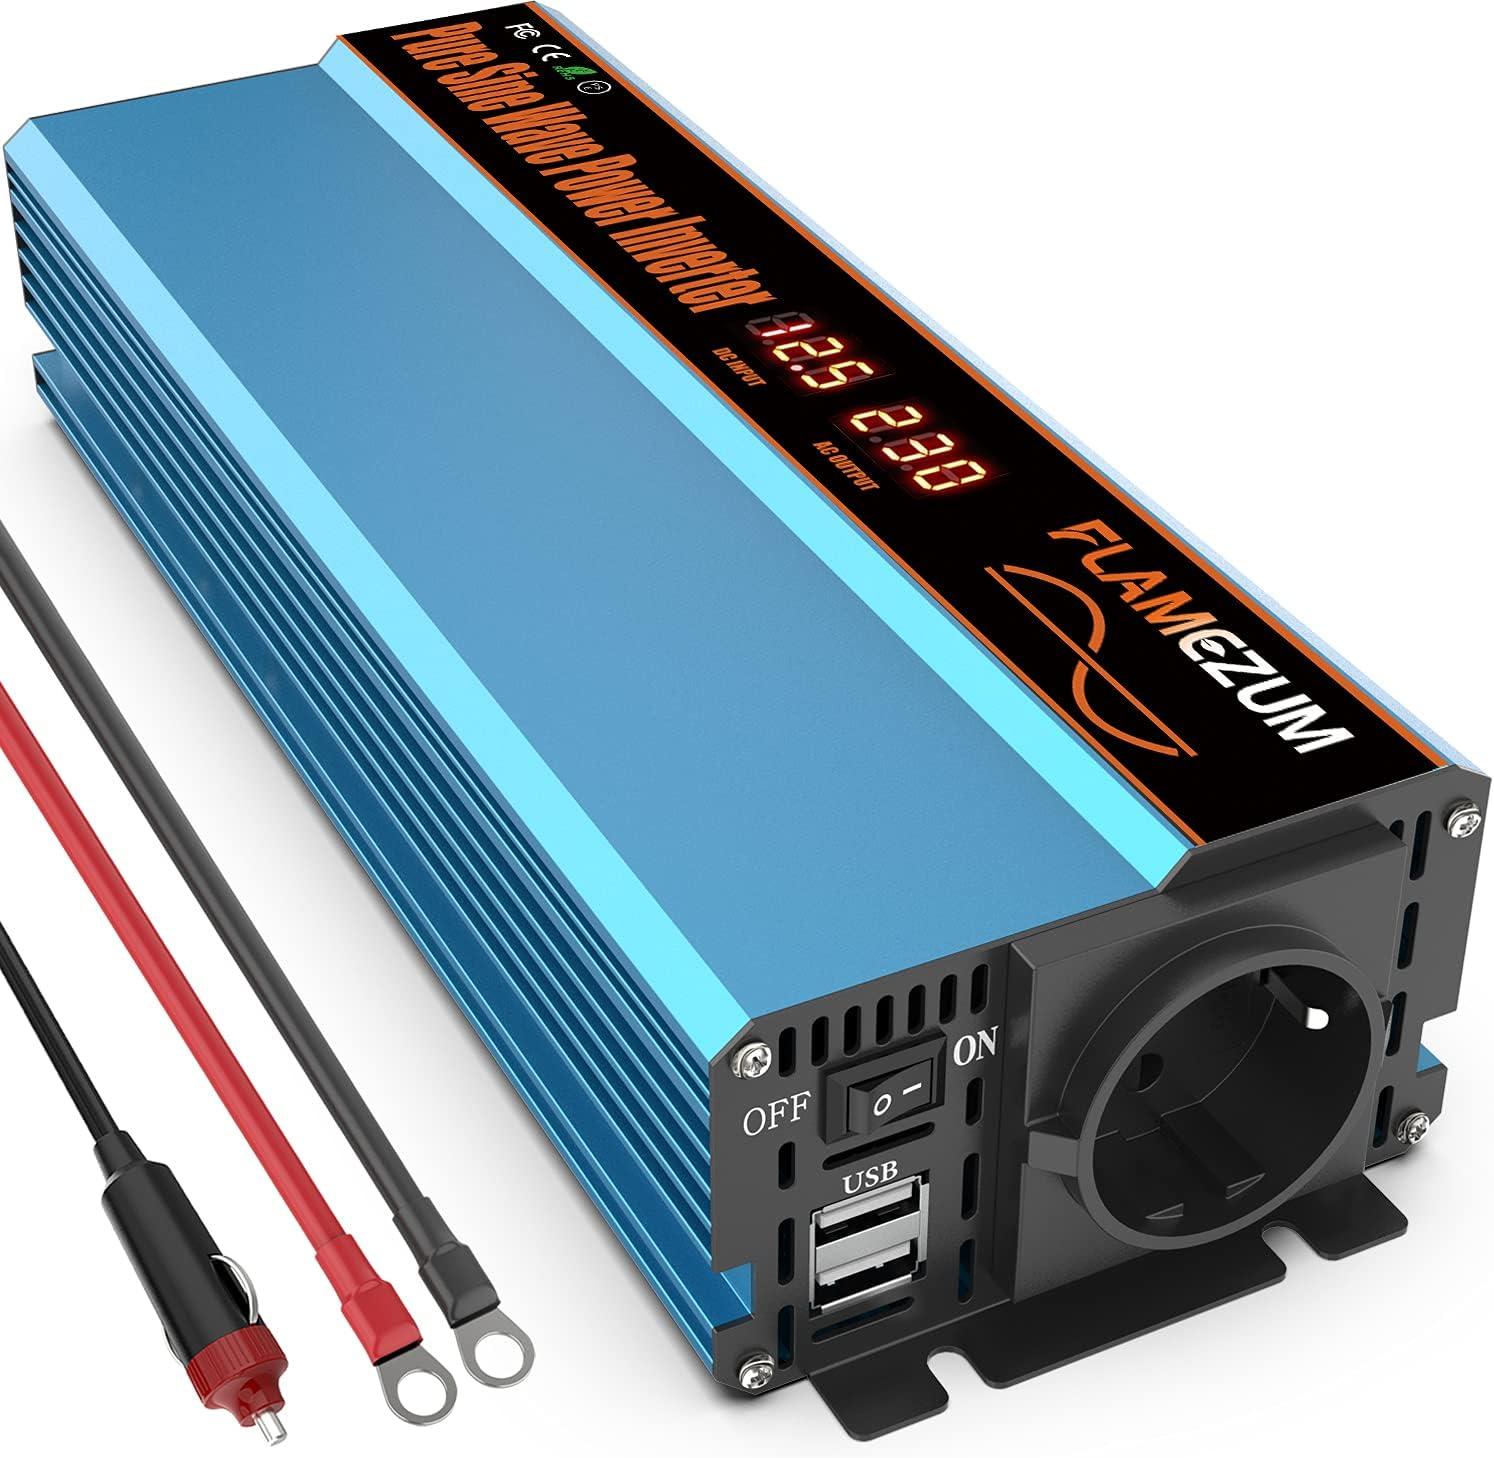 FLAMEZUM Inversor de Corriente de Onda Sinusoidal Pura 1000W Convertidor DC 12V a AC 220V 230V con 2 Puertos USB DC 5V/3.4A &1 Enchufe Europeo para Encendedor de Coche,Coche,Camping ,Camión,RV